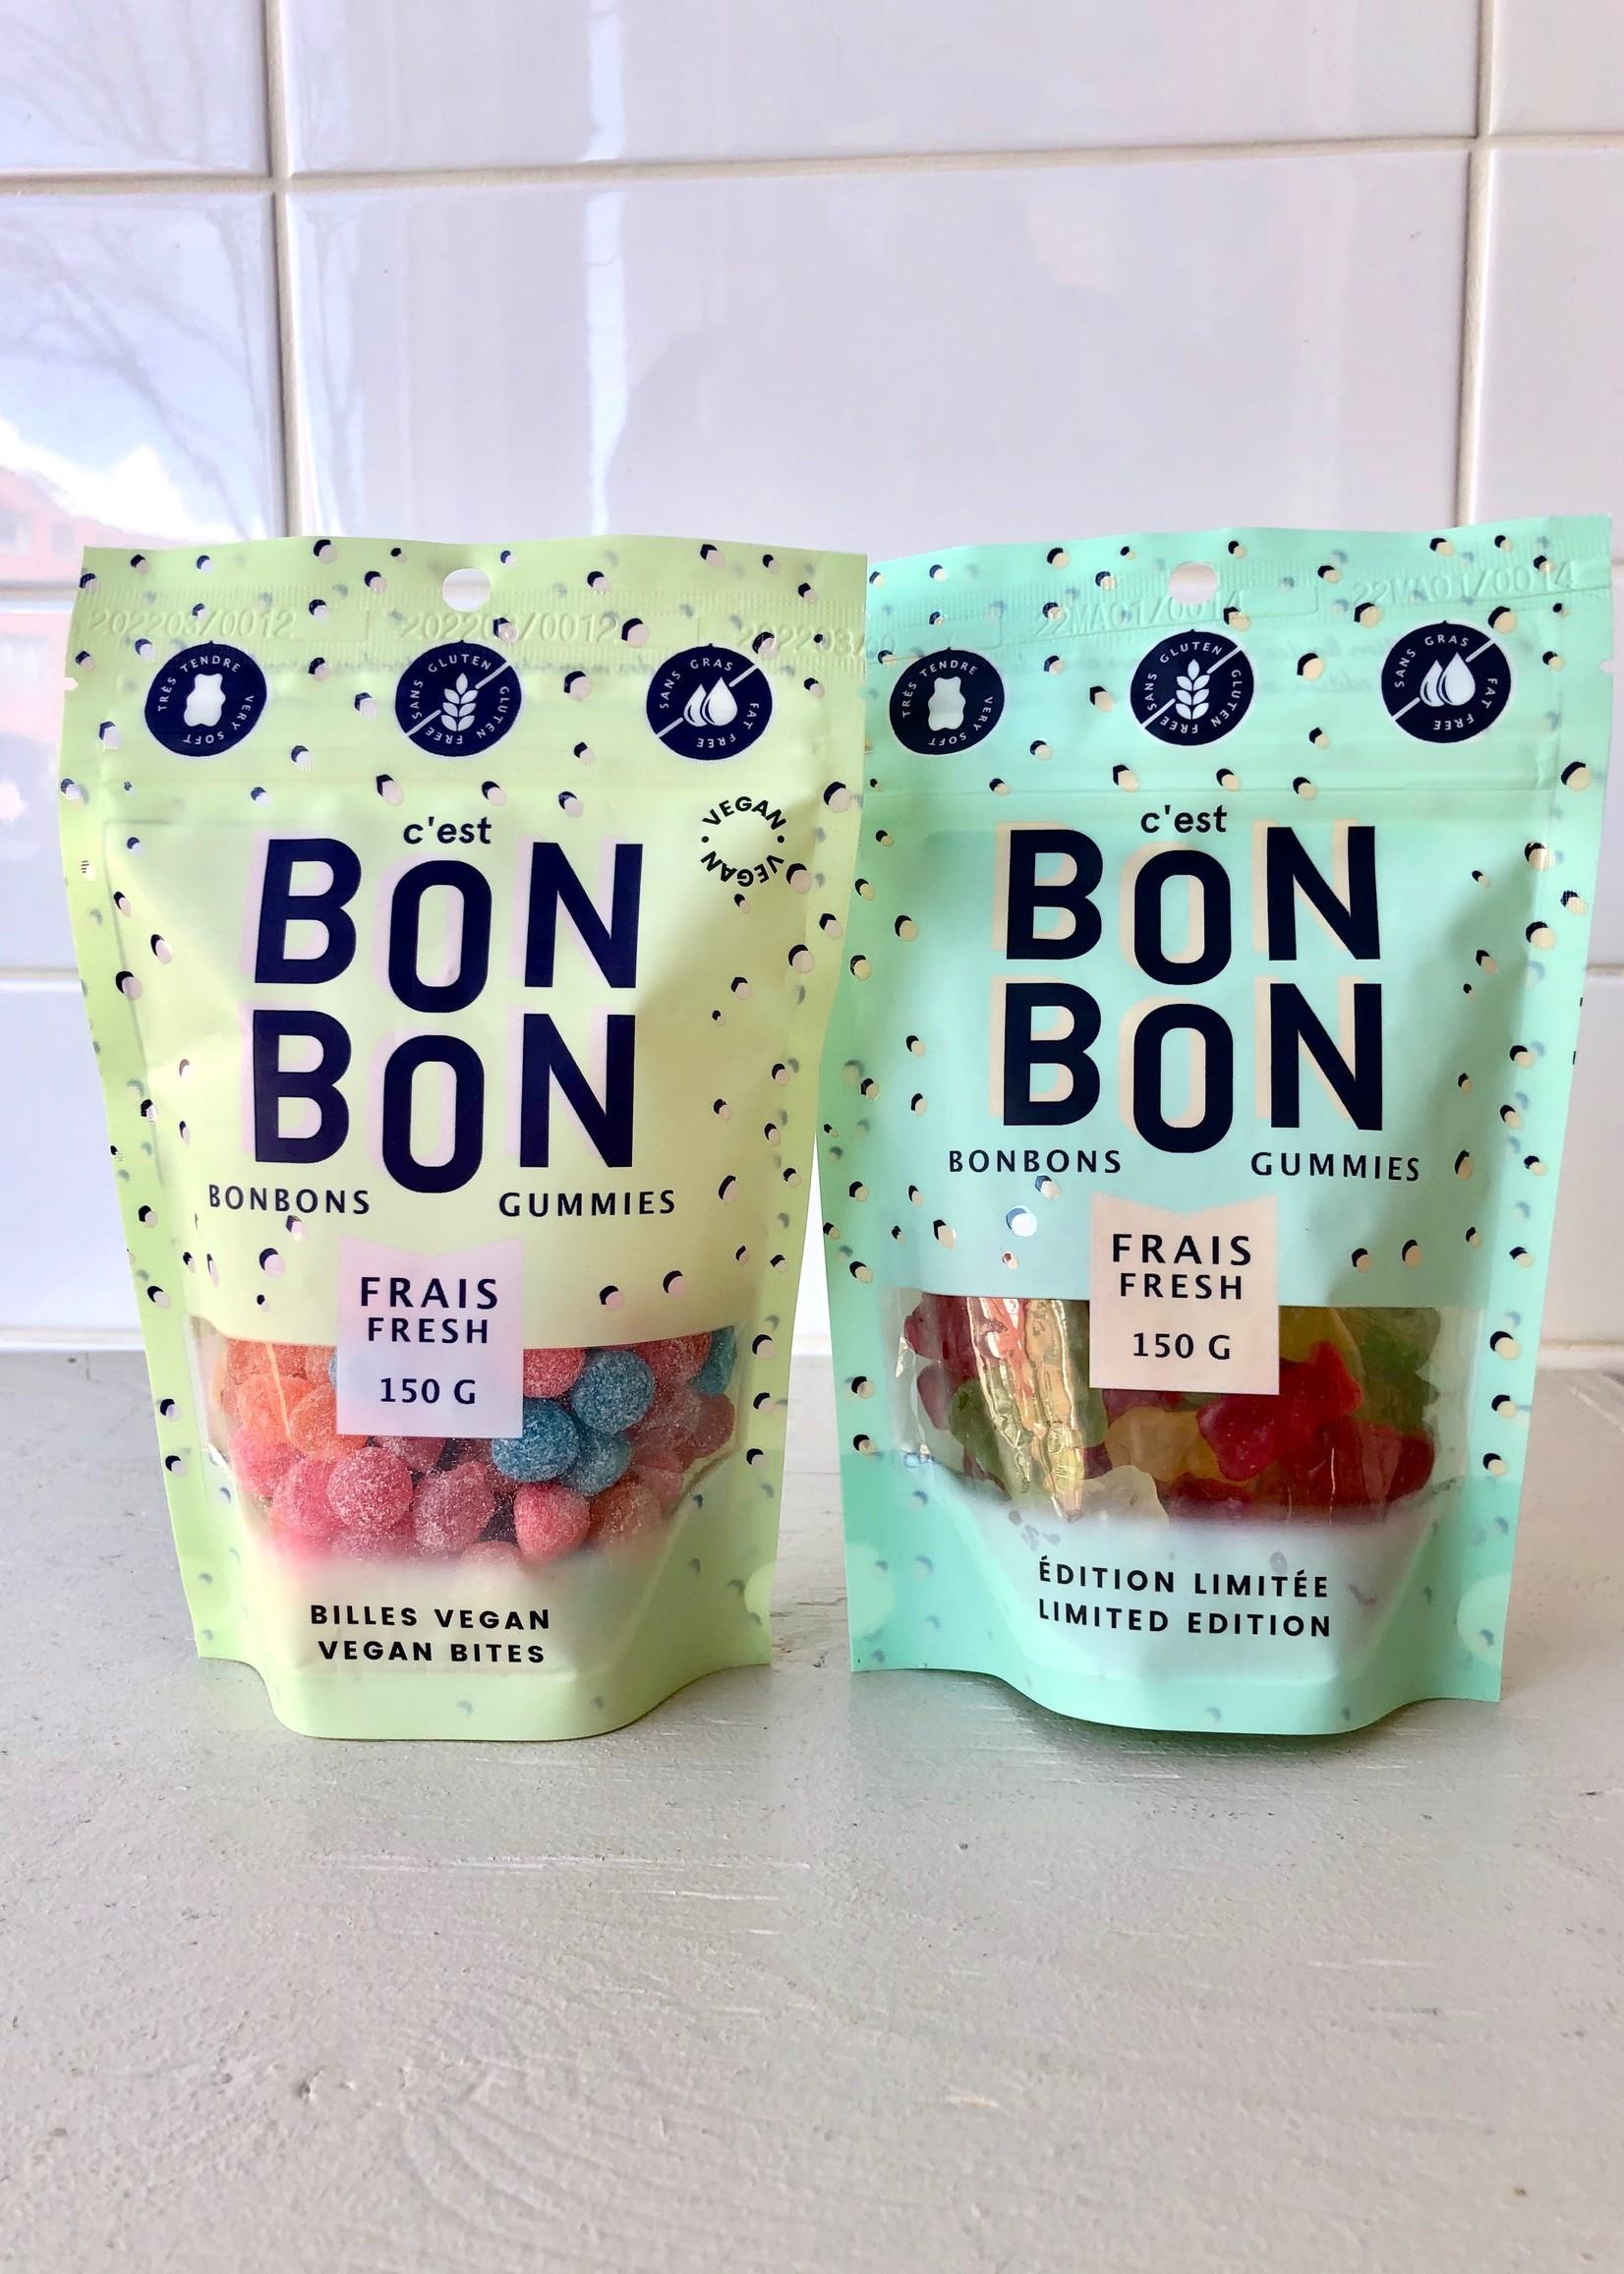 C'est Bon Bon Bonbons mélangés vegan